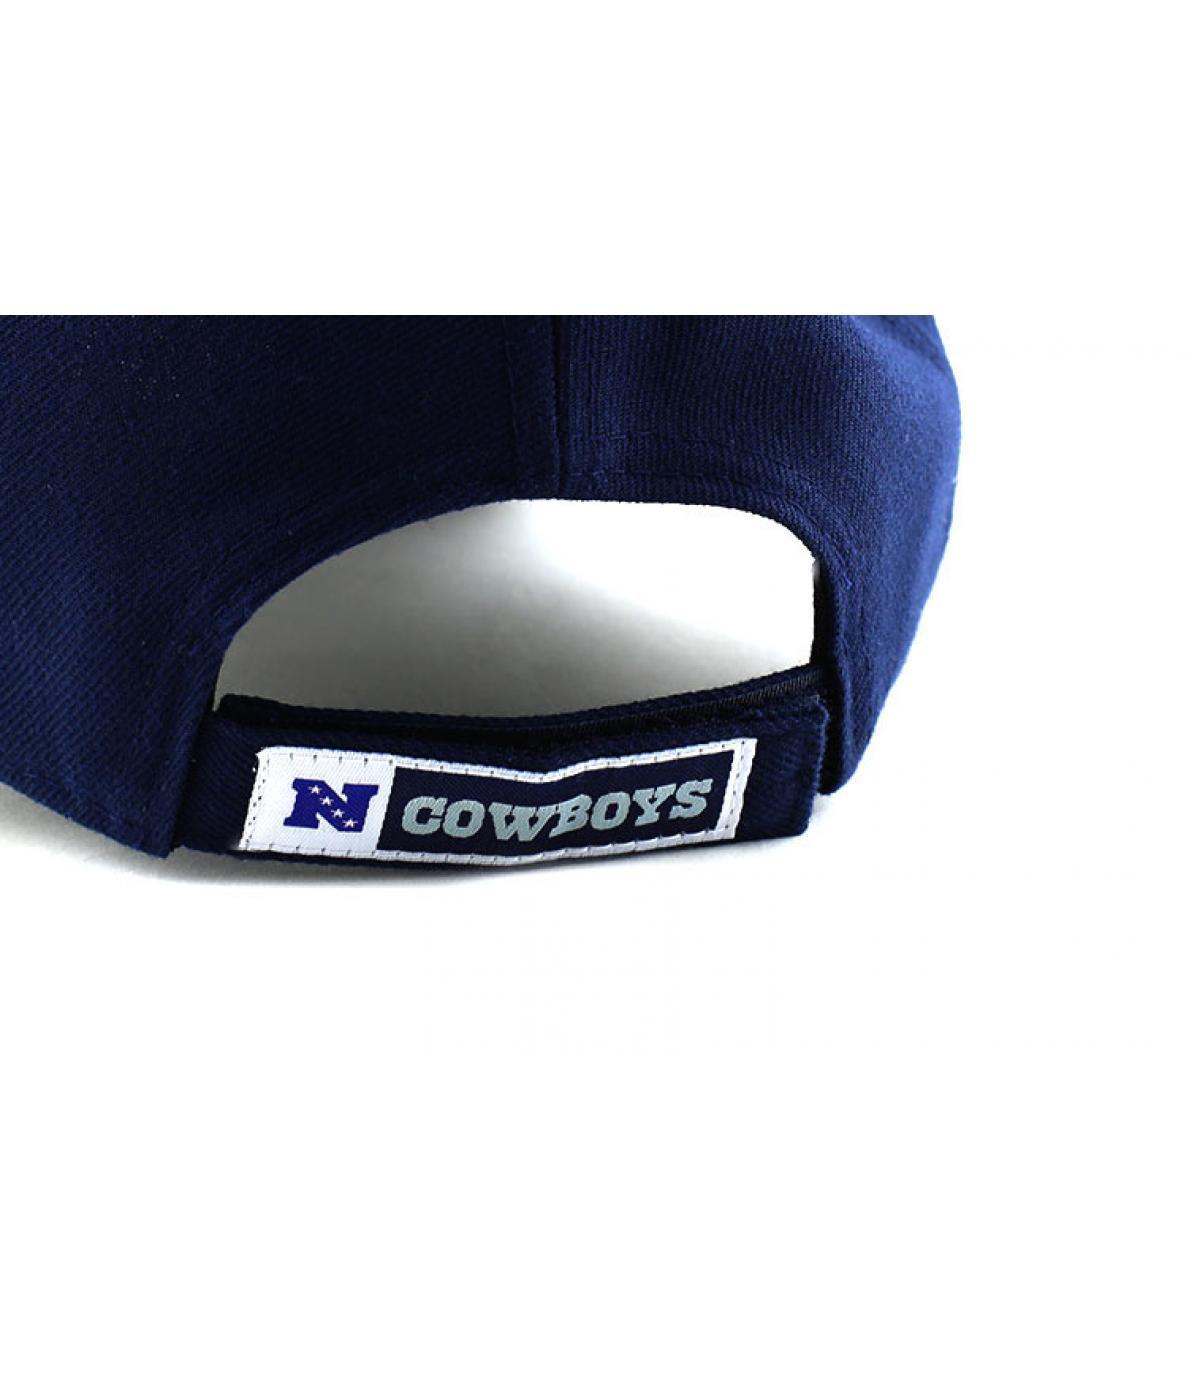 Détails Casquette Dallas Cowboys NFL The League - image 5